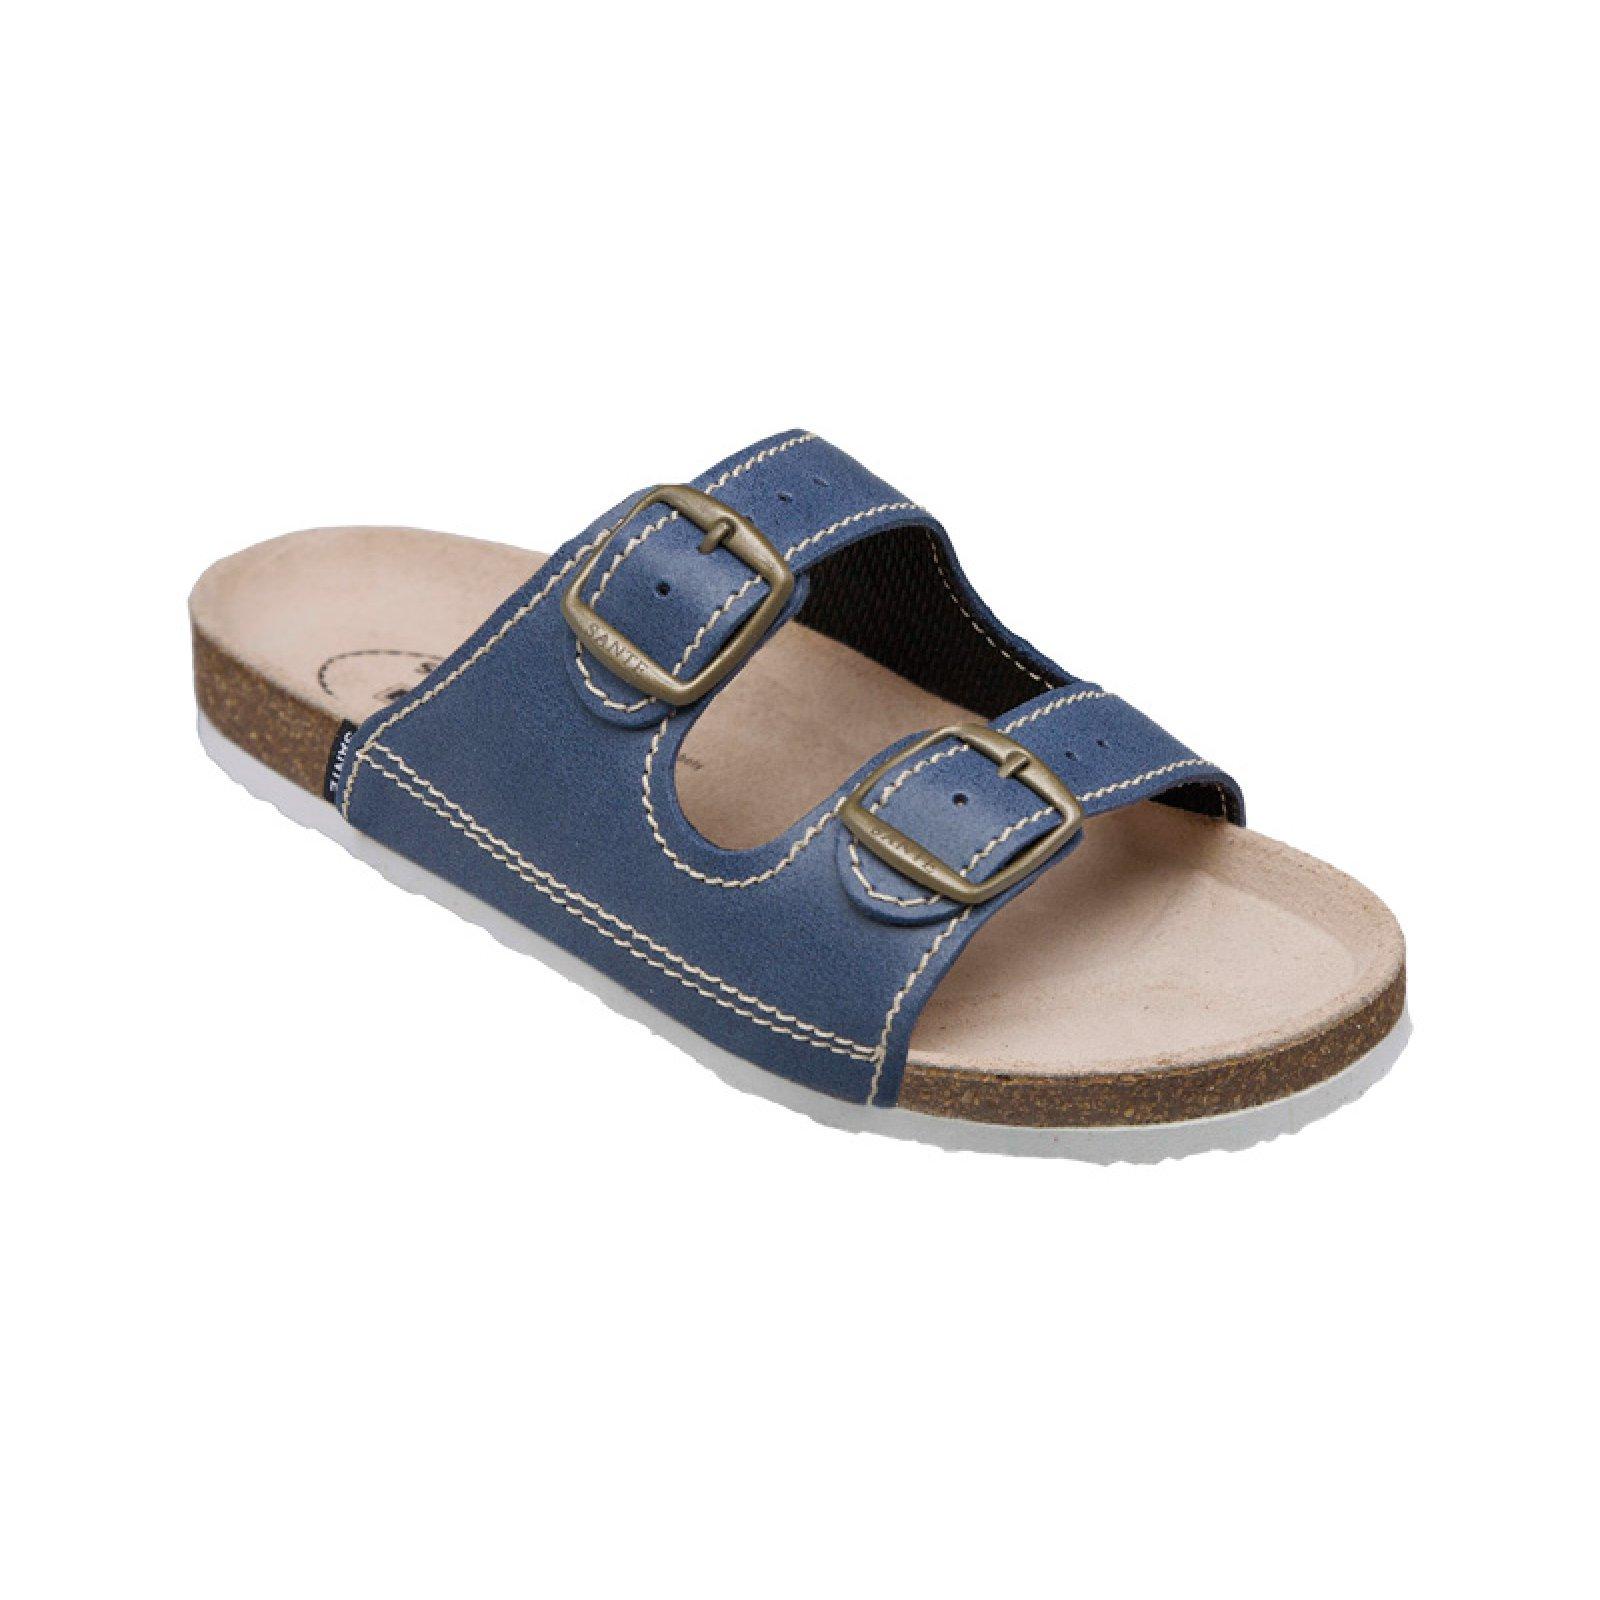 dámské pantofle Santé 21 86 BP modré 31dc53caf0